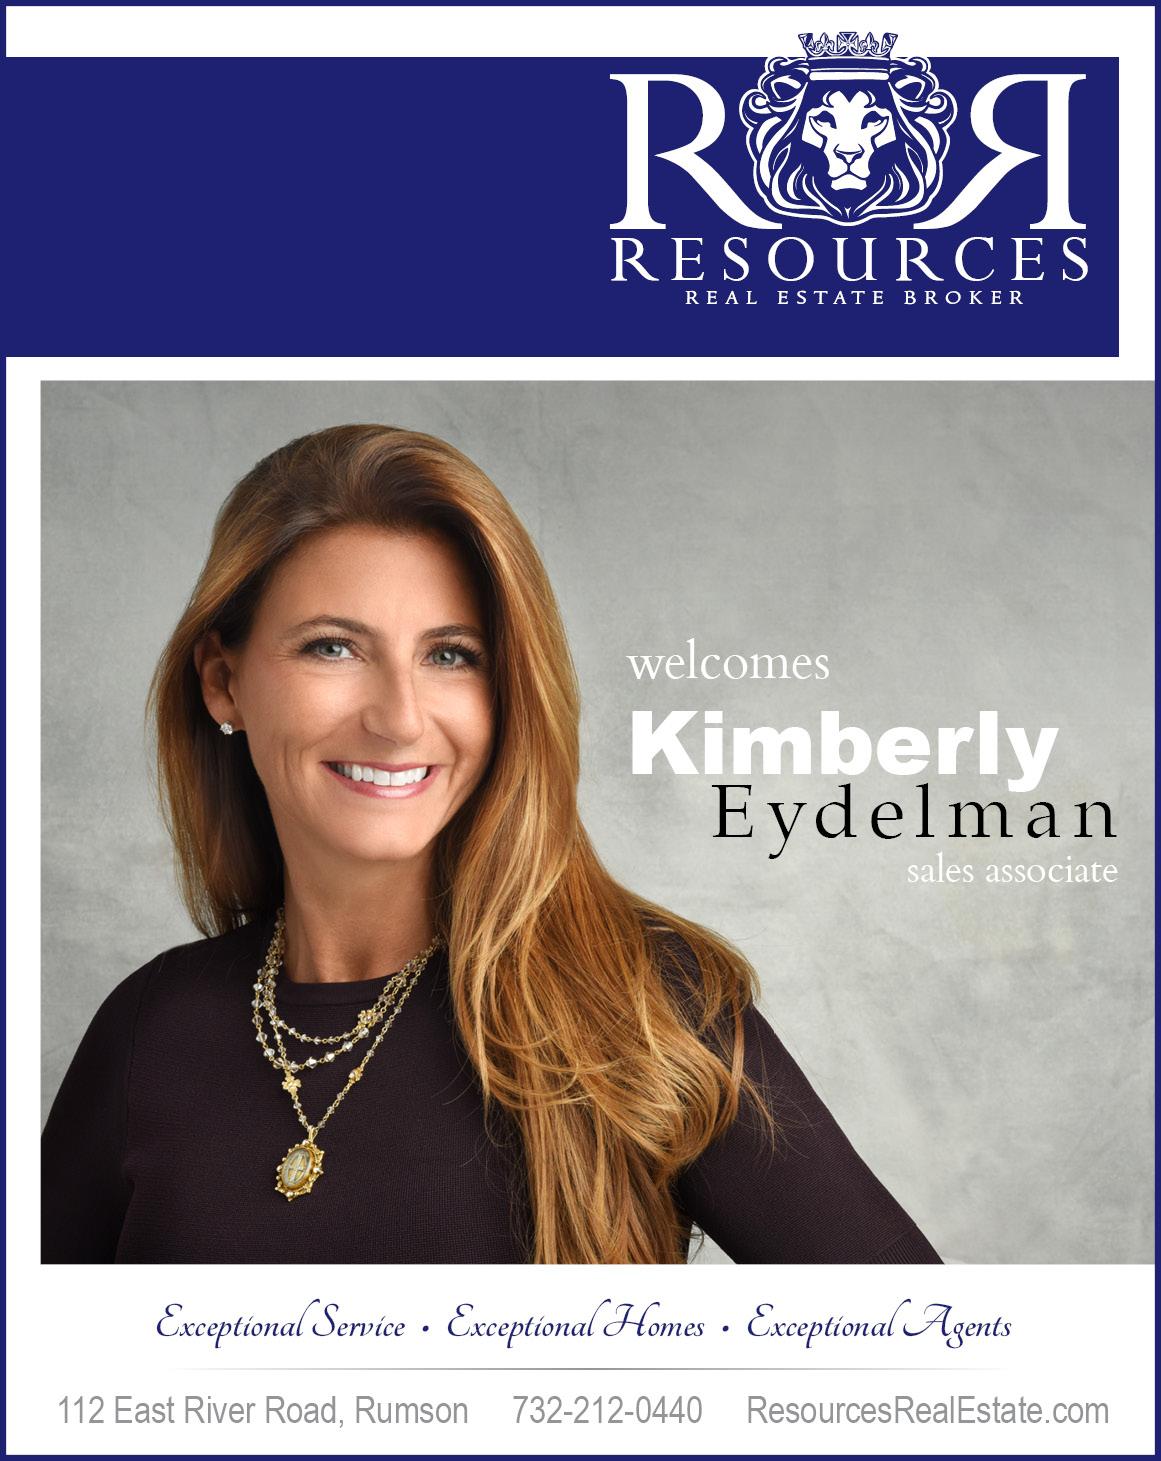 Kimberly Eydelman Journal